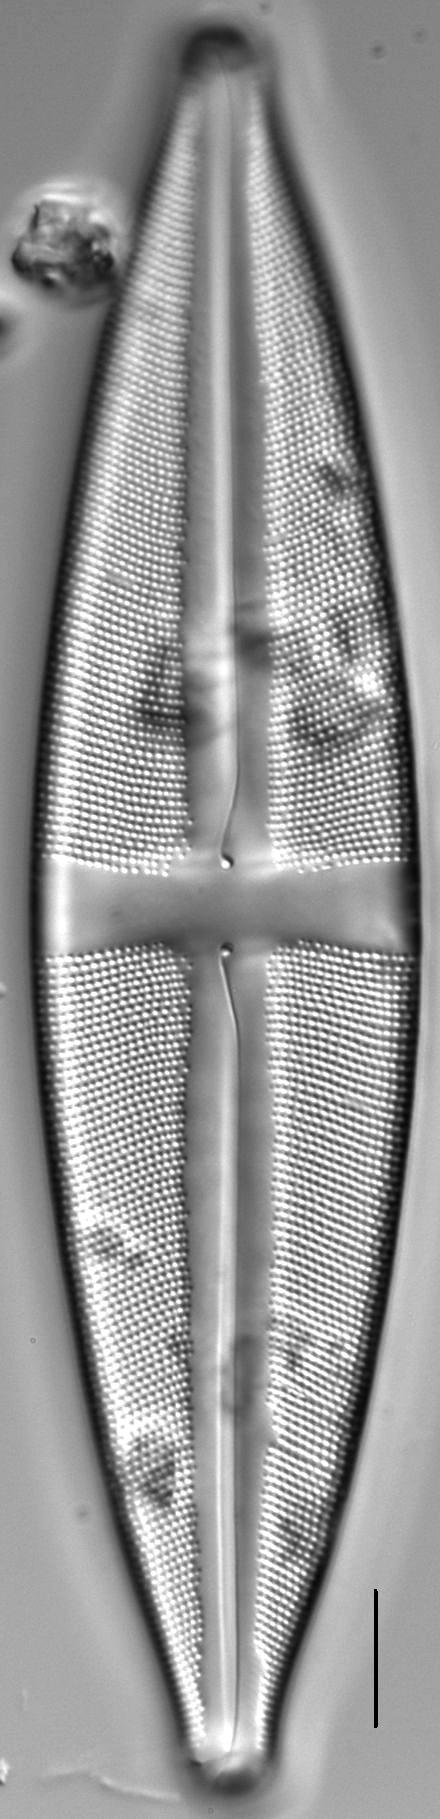 Stauroneis circumborealis LM4